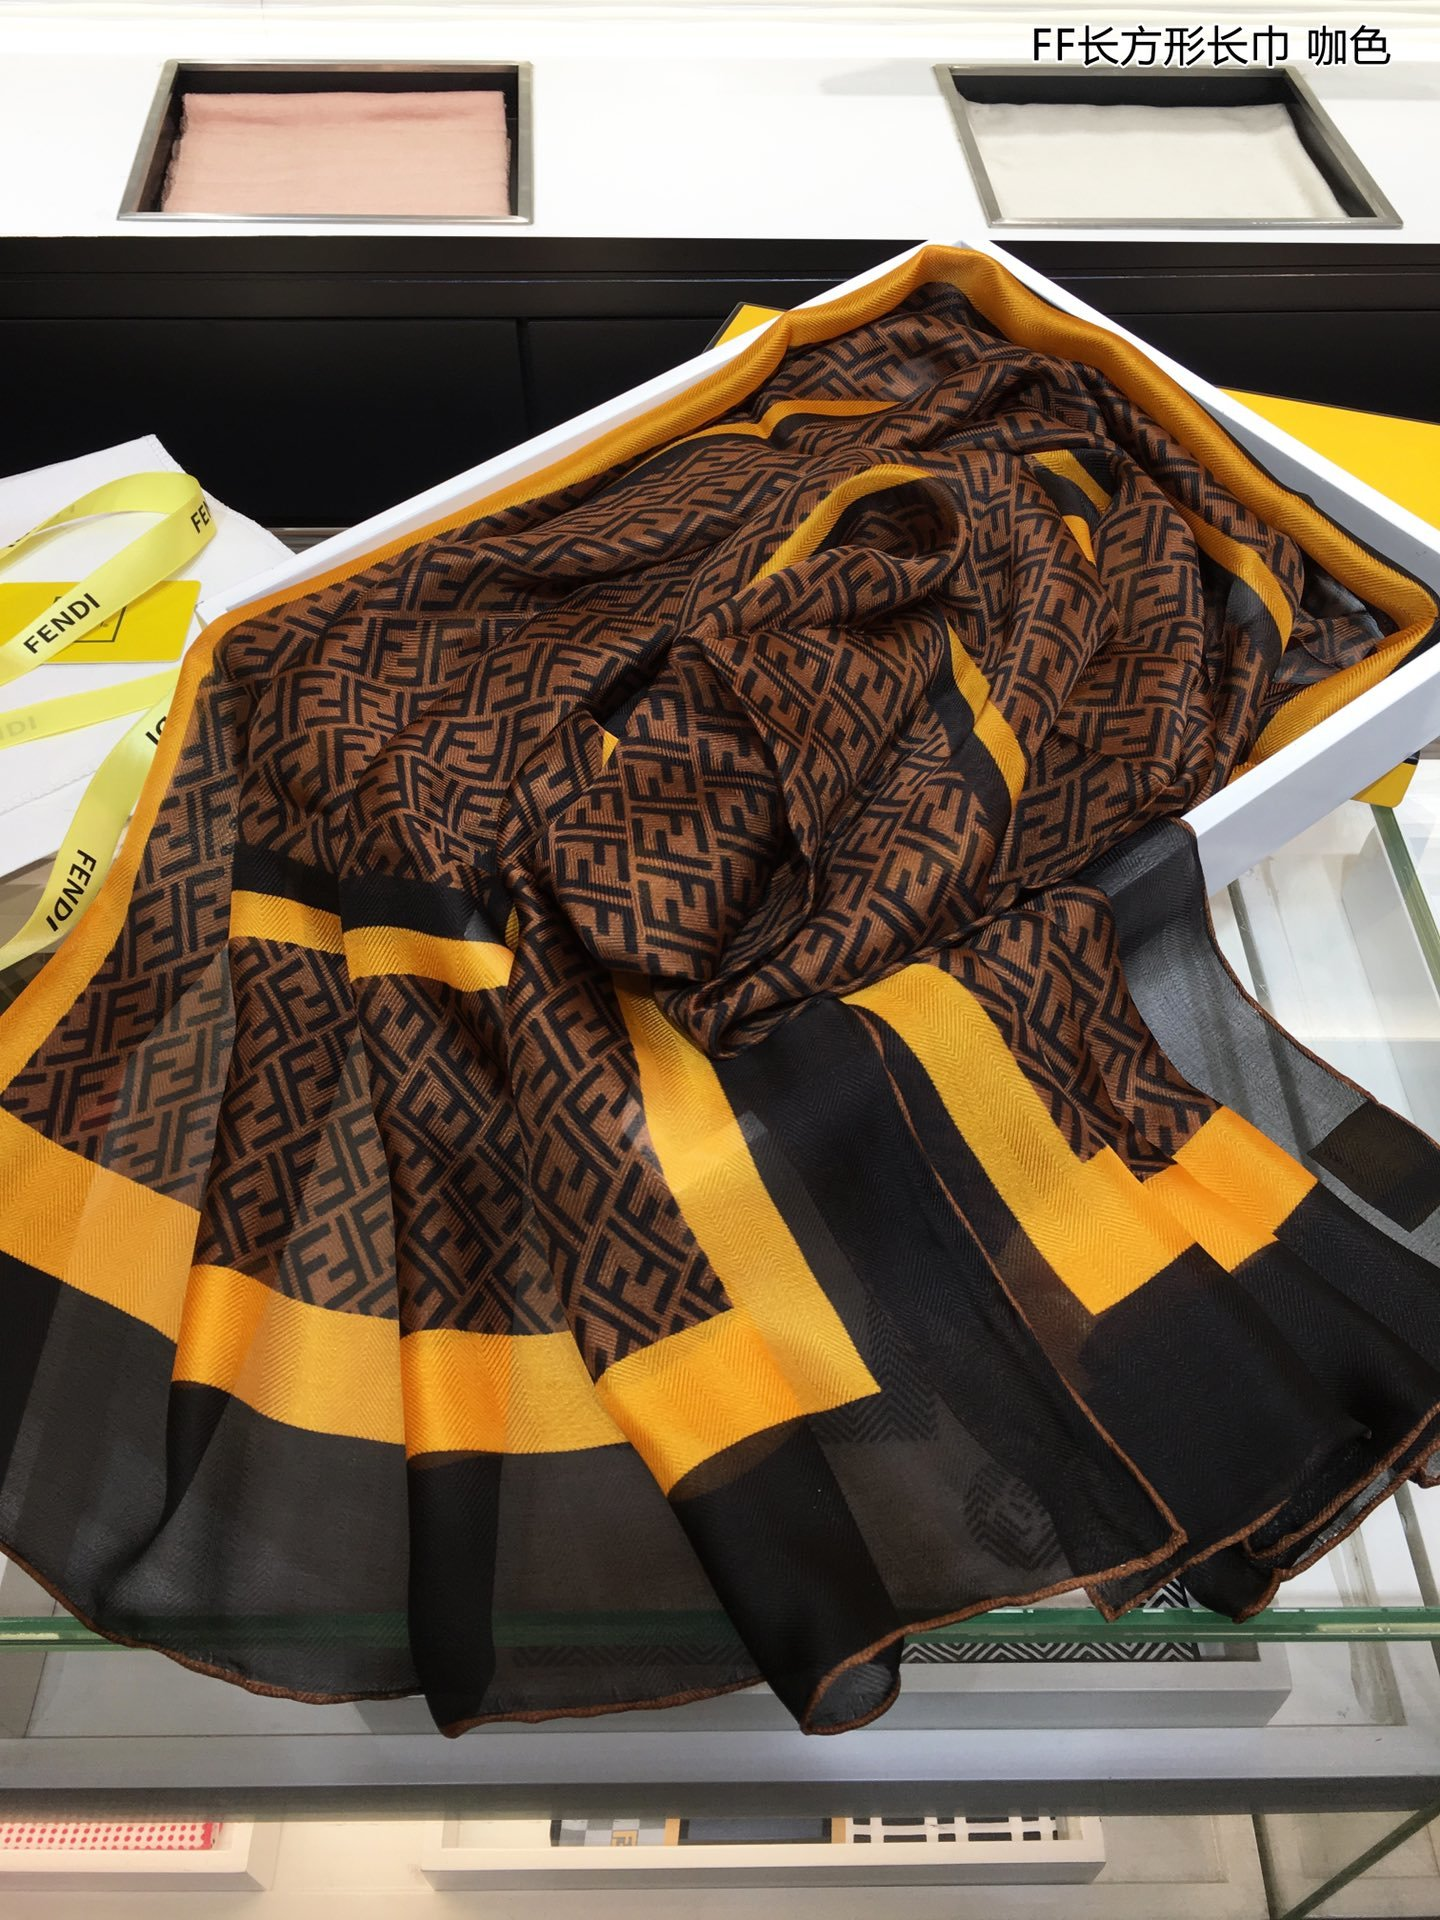 上新FD最新的专柜主打款FF长方巾长